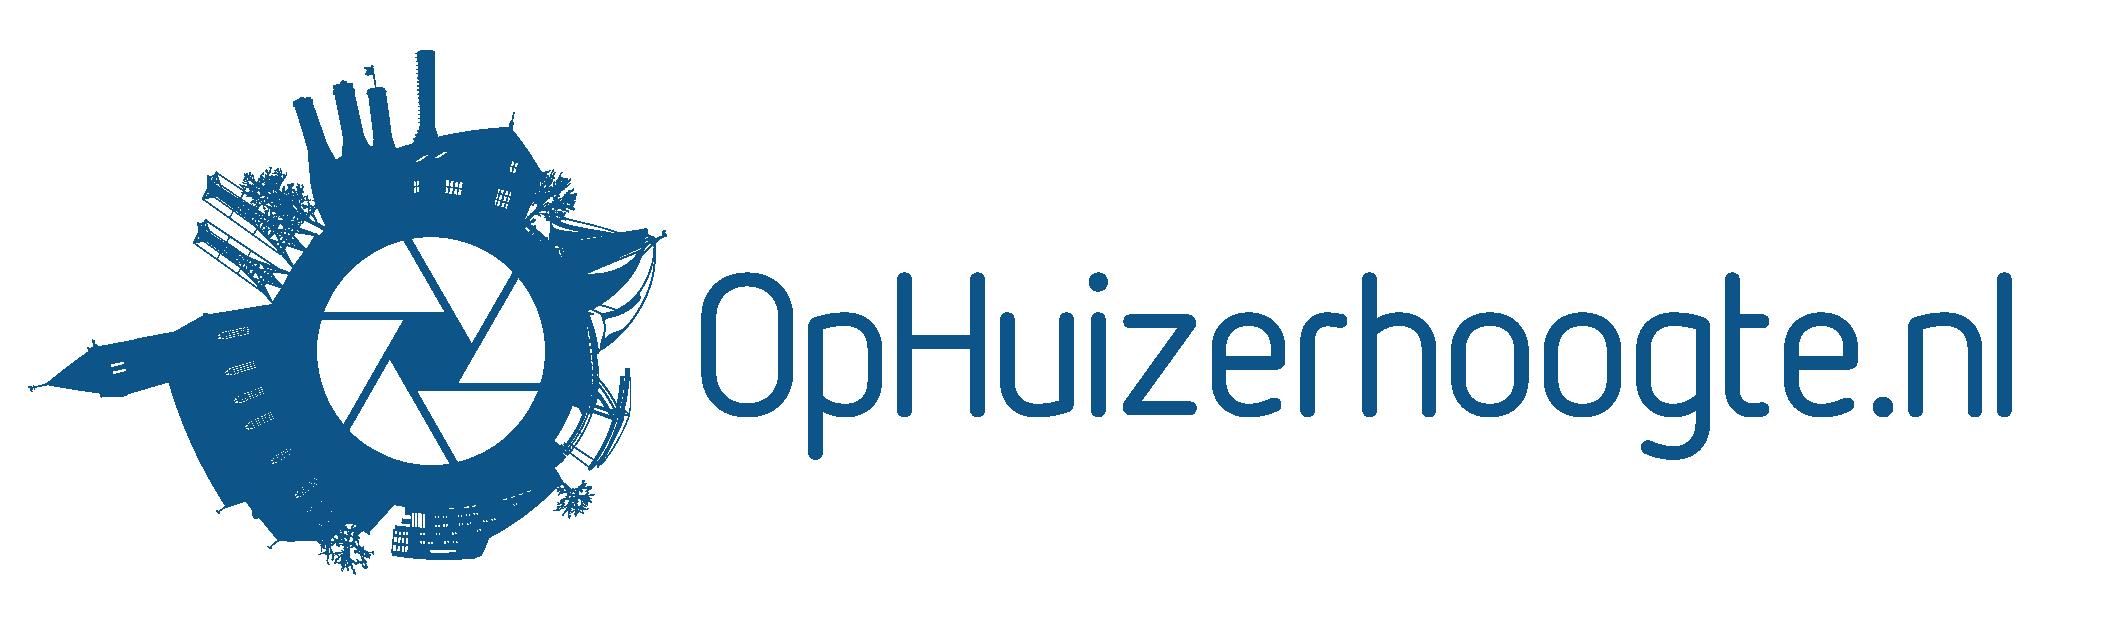 OpHuizerhoogte.nl